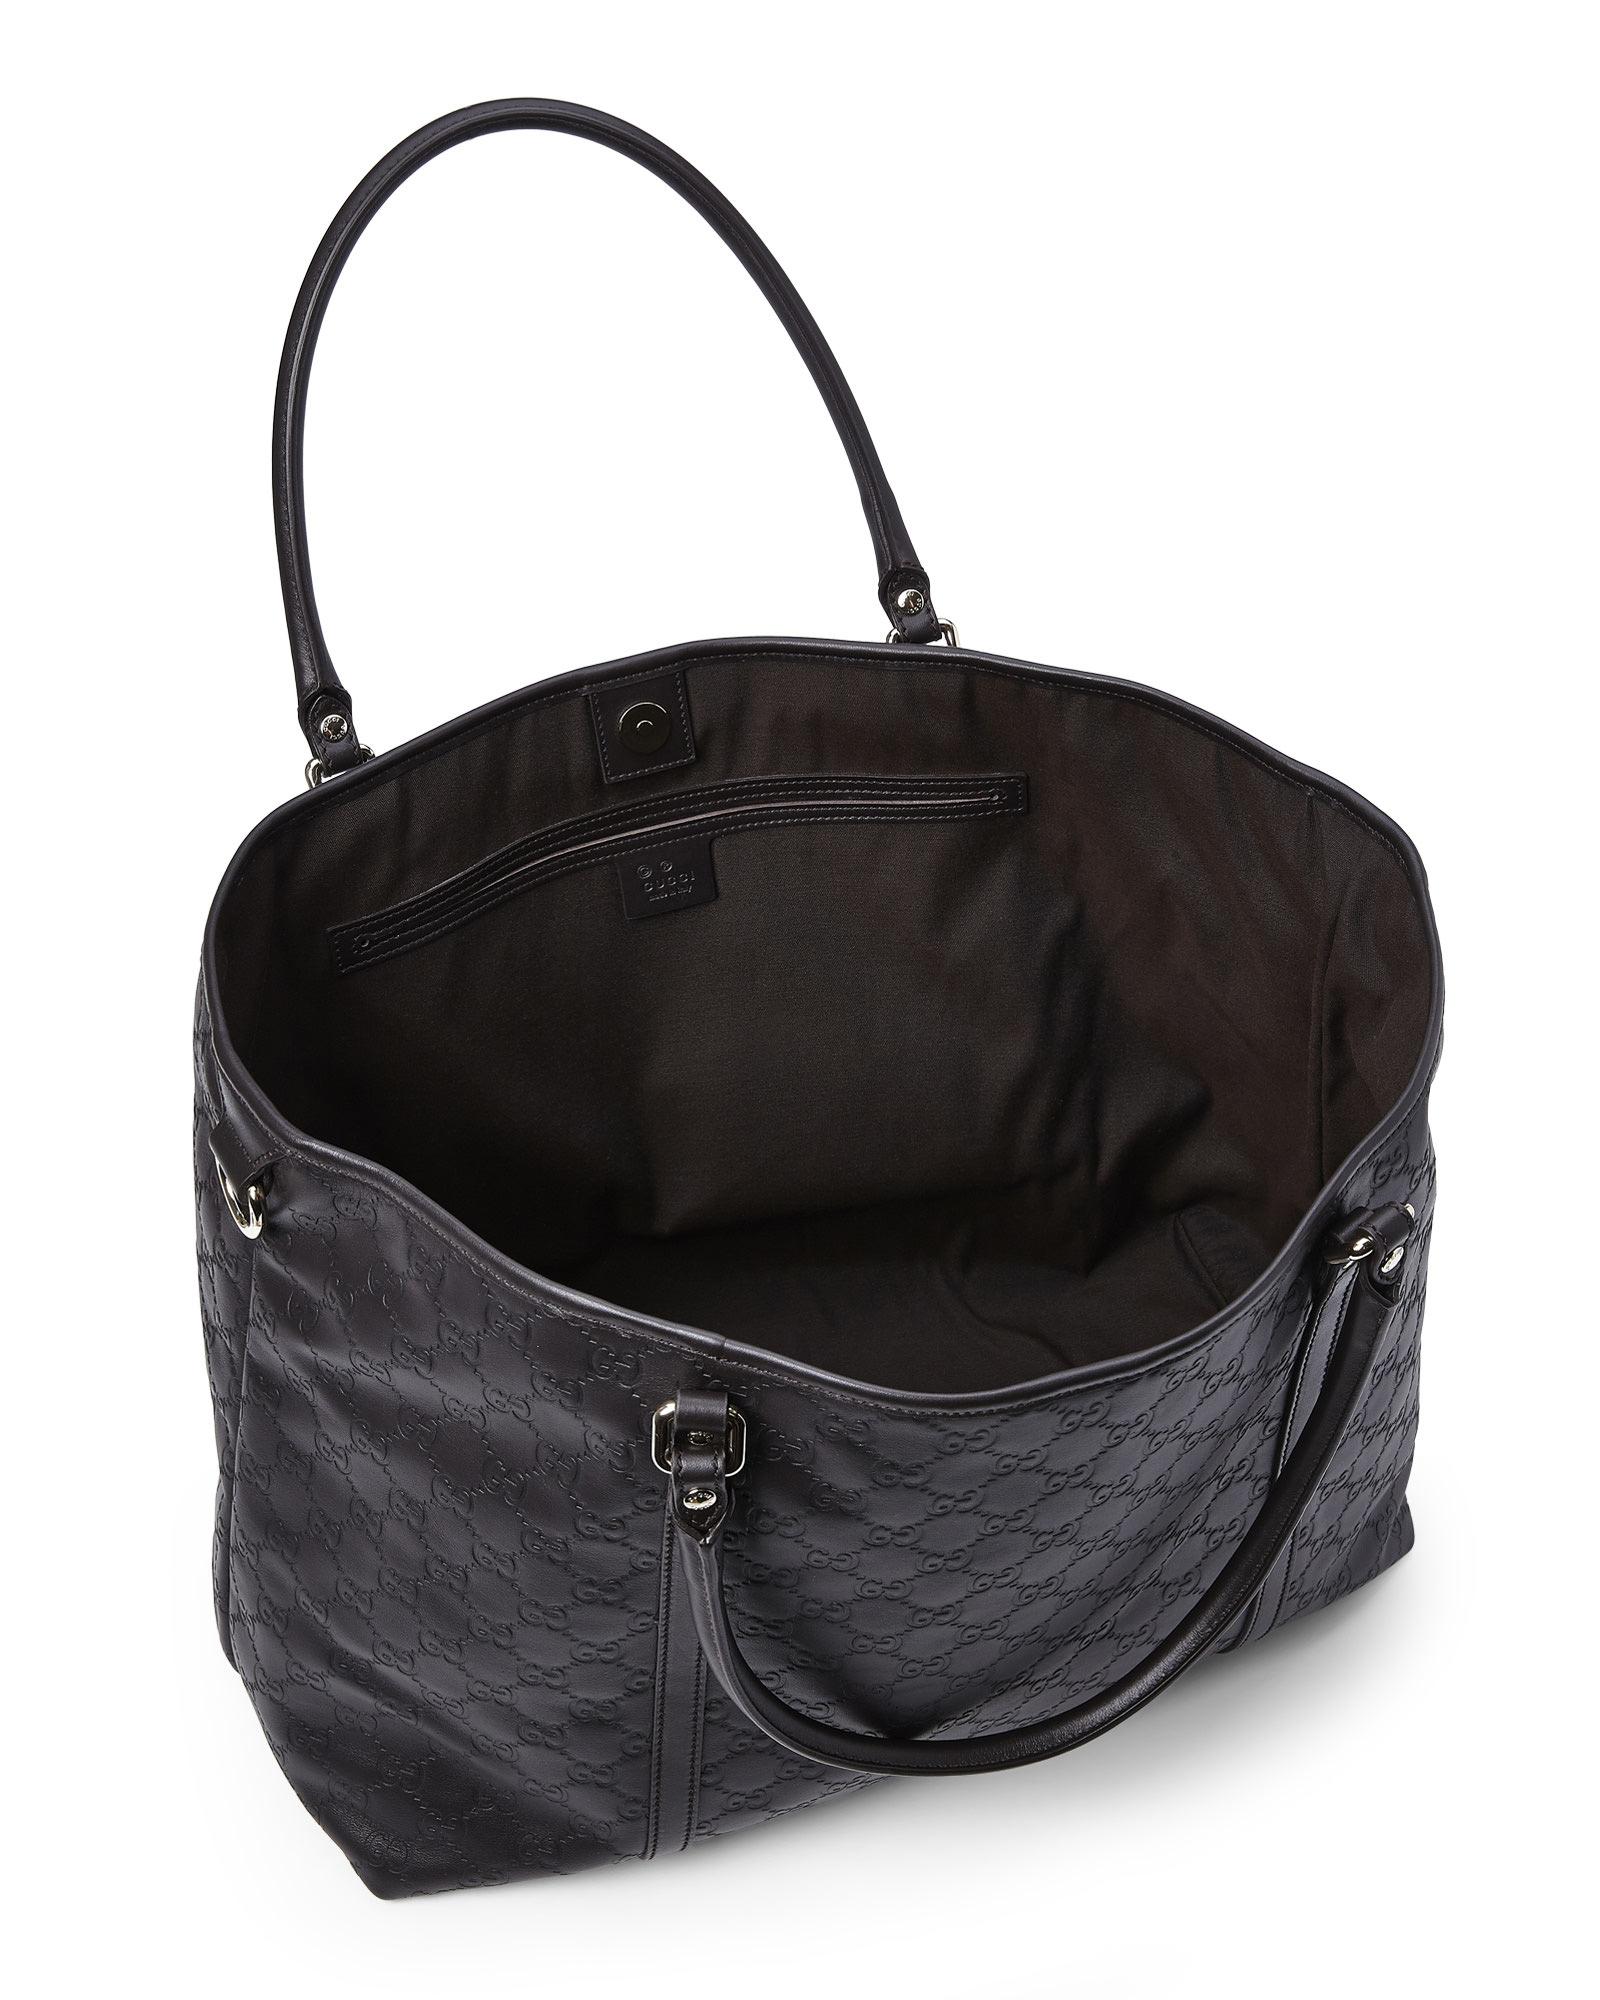 170e30f0743 Lyst - Gucci Guccissima Joy Leather Tote in Black